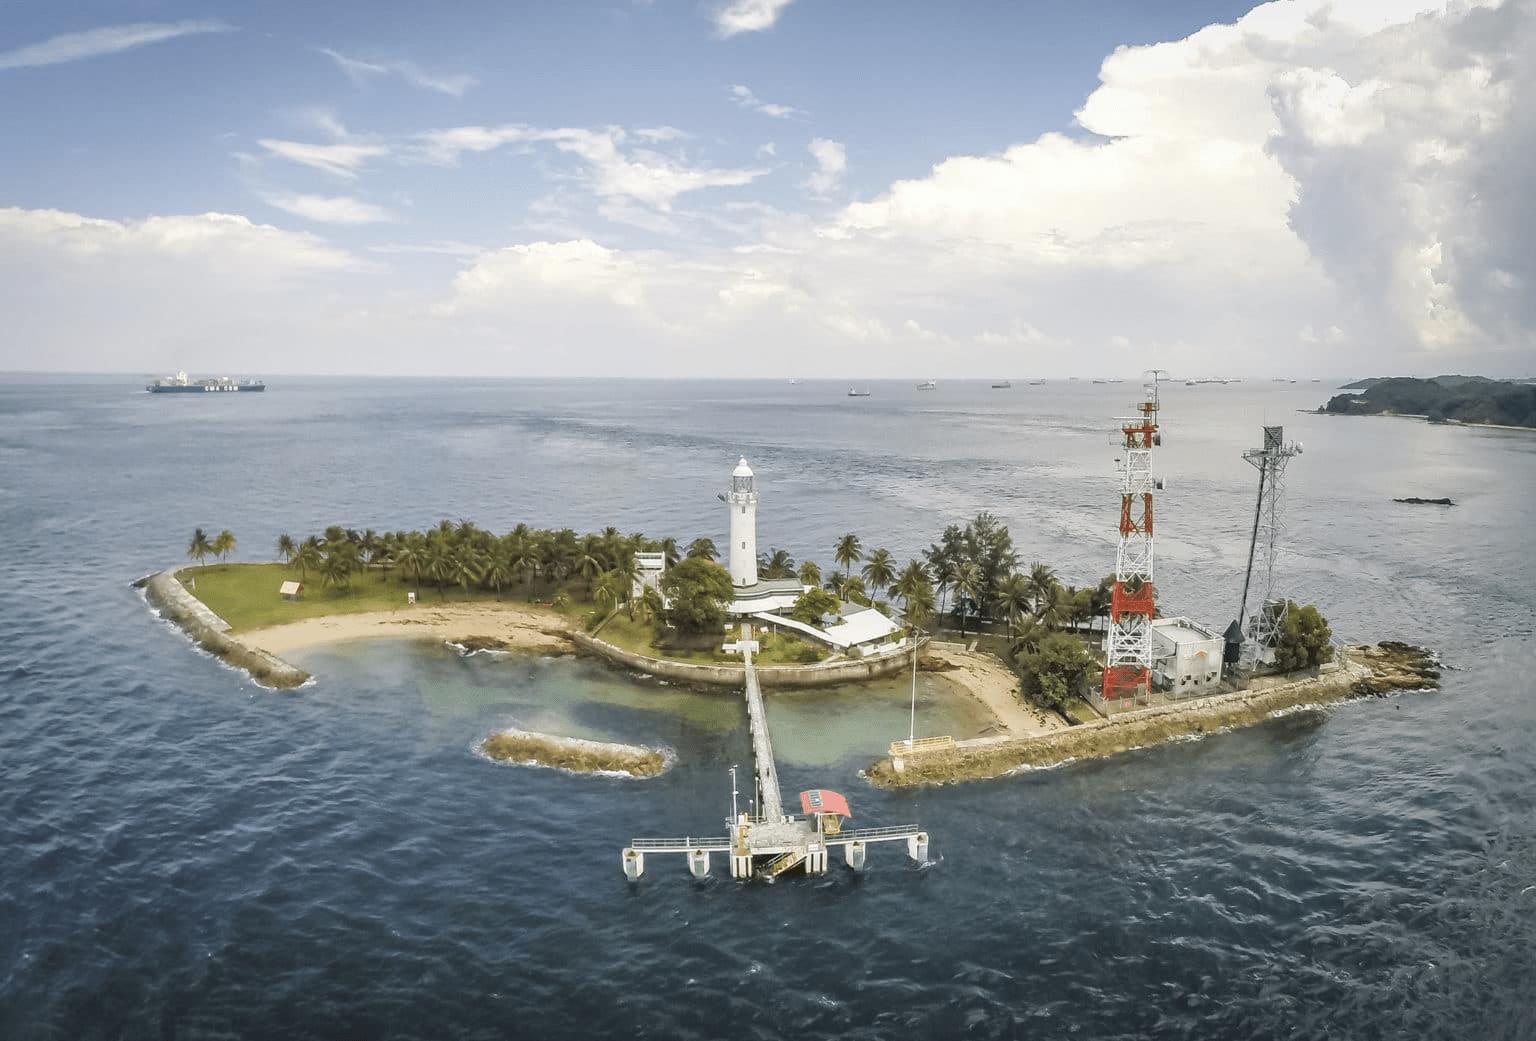 Pulau Satumu lesser-known island